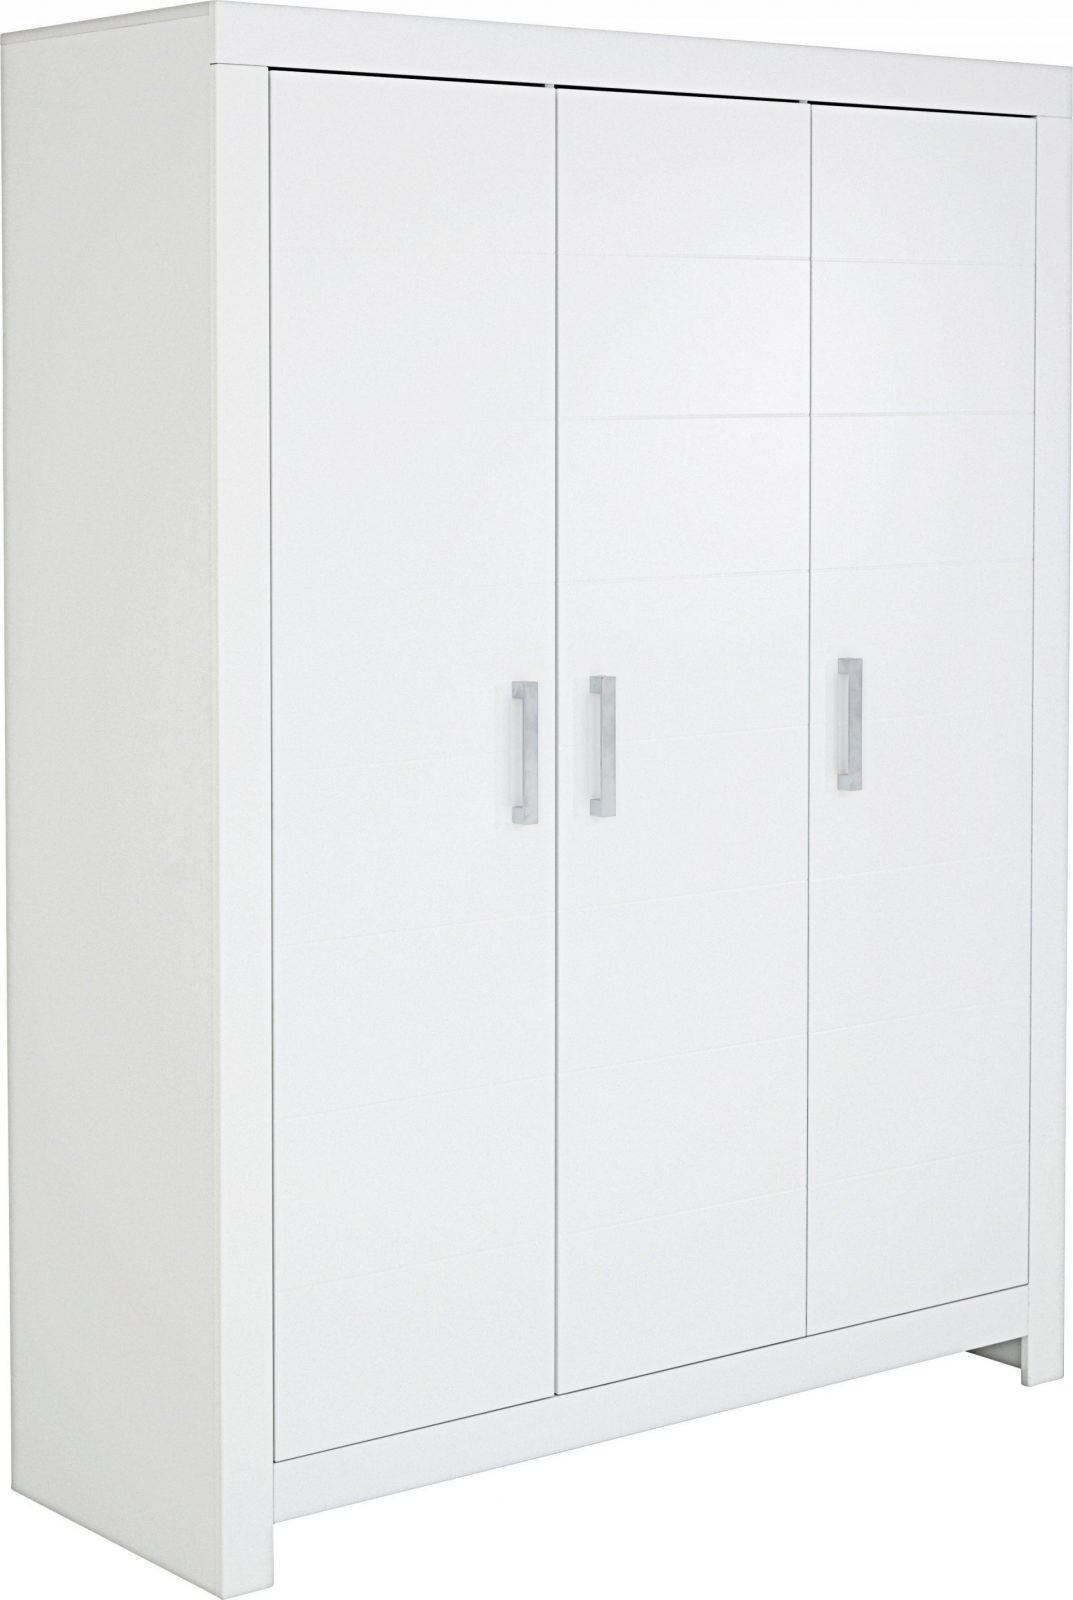 Kleiderschrank 3Türig Weiß Online Kaufen ➤ Xxxlutz von Paidi Fiona Kleiderschrank 3 Türig Photo